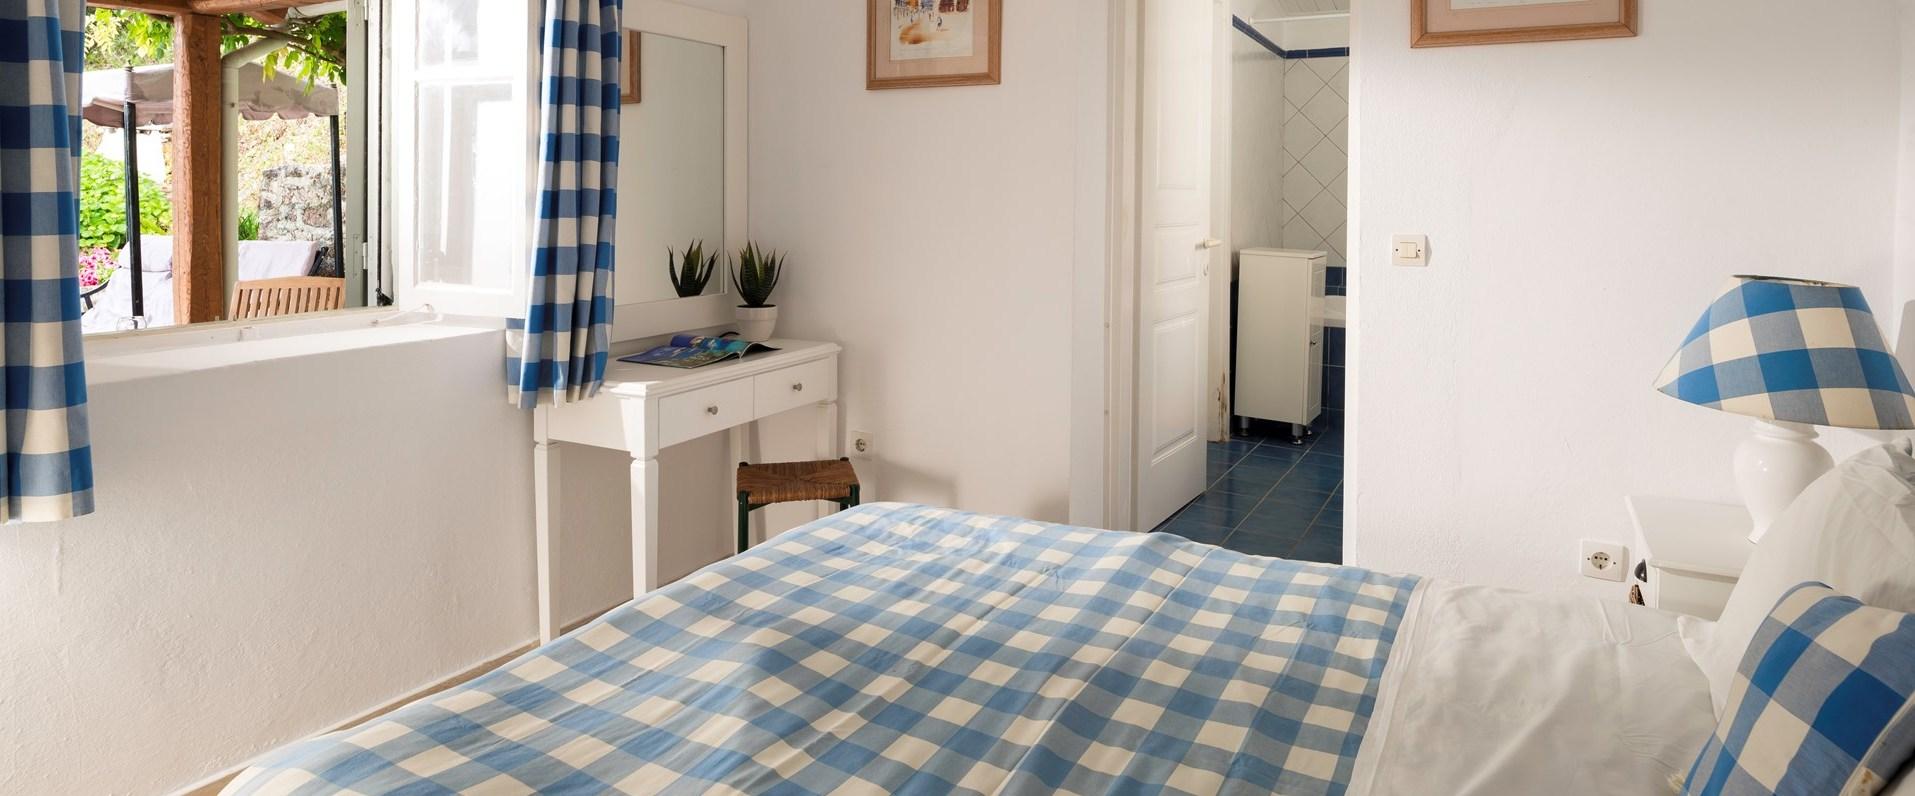 apraos-house-double-bedroom